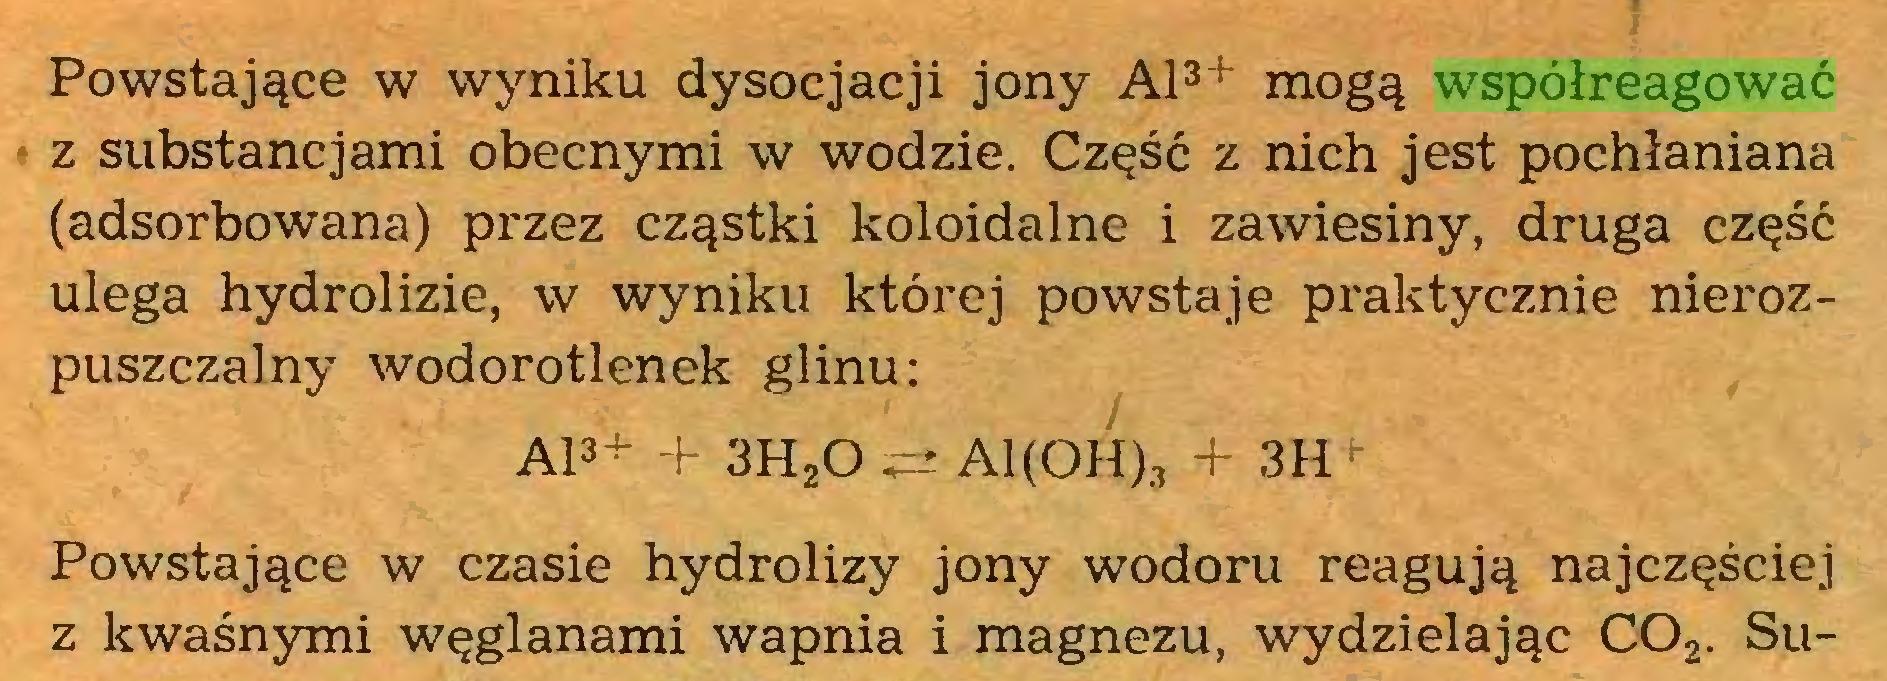 (...) Powstające w wyniku dysocjacji jony Al3+ mogą współreagować z substancjami obecnymi w wodzie. Część z nich jest pochłaniana (adsorbowana) przez cząstki koloidalne i zawiesiny, druga część ulega hydrolizie, w wyniku której powstaje praktycznie nierozpuszczalny wodorotlenek glinu: Al3+ + 3HzO ii* Al(OH)3 + 3H *■ Powstające w czasie hydrolizy jony wodoru reagują najczęściej z kwaśnymi węglanami wapnia i magnezu, wydzielając C02. Su...